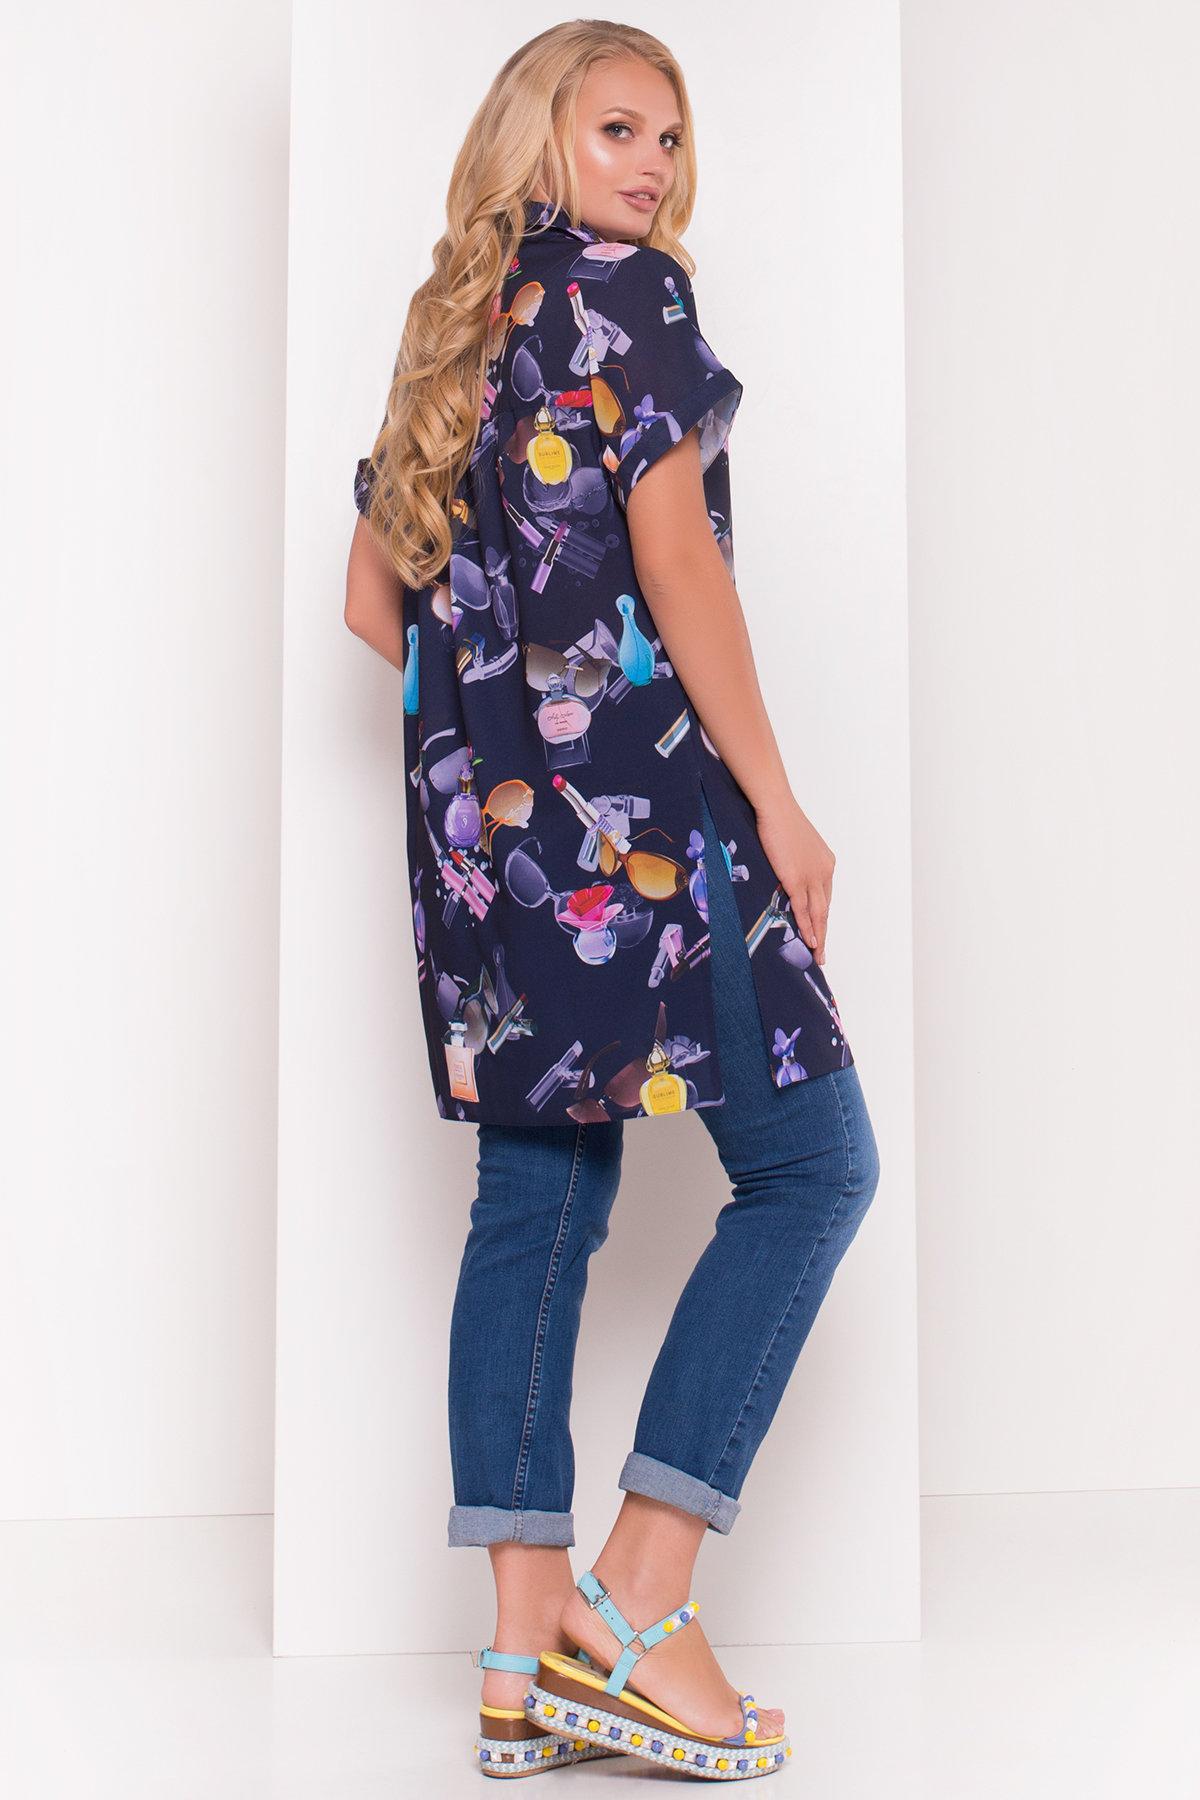 TW Платье -рубашка Шиен Donna 5239 Цвет: Темно-синий Parfums